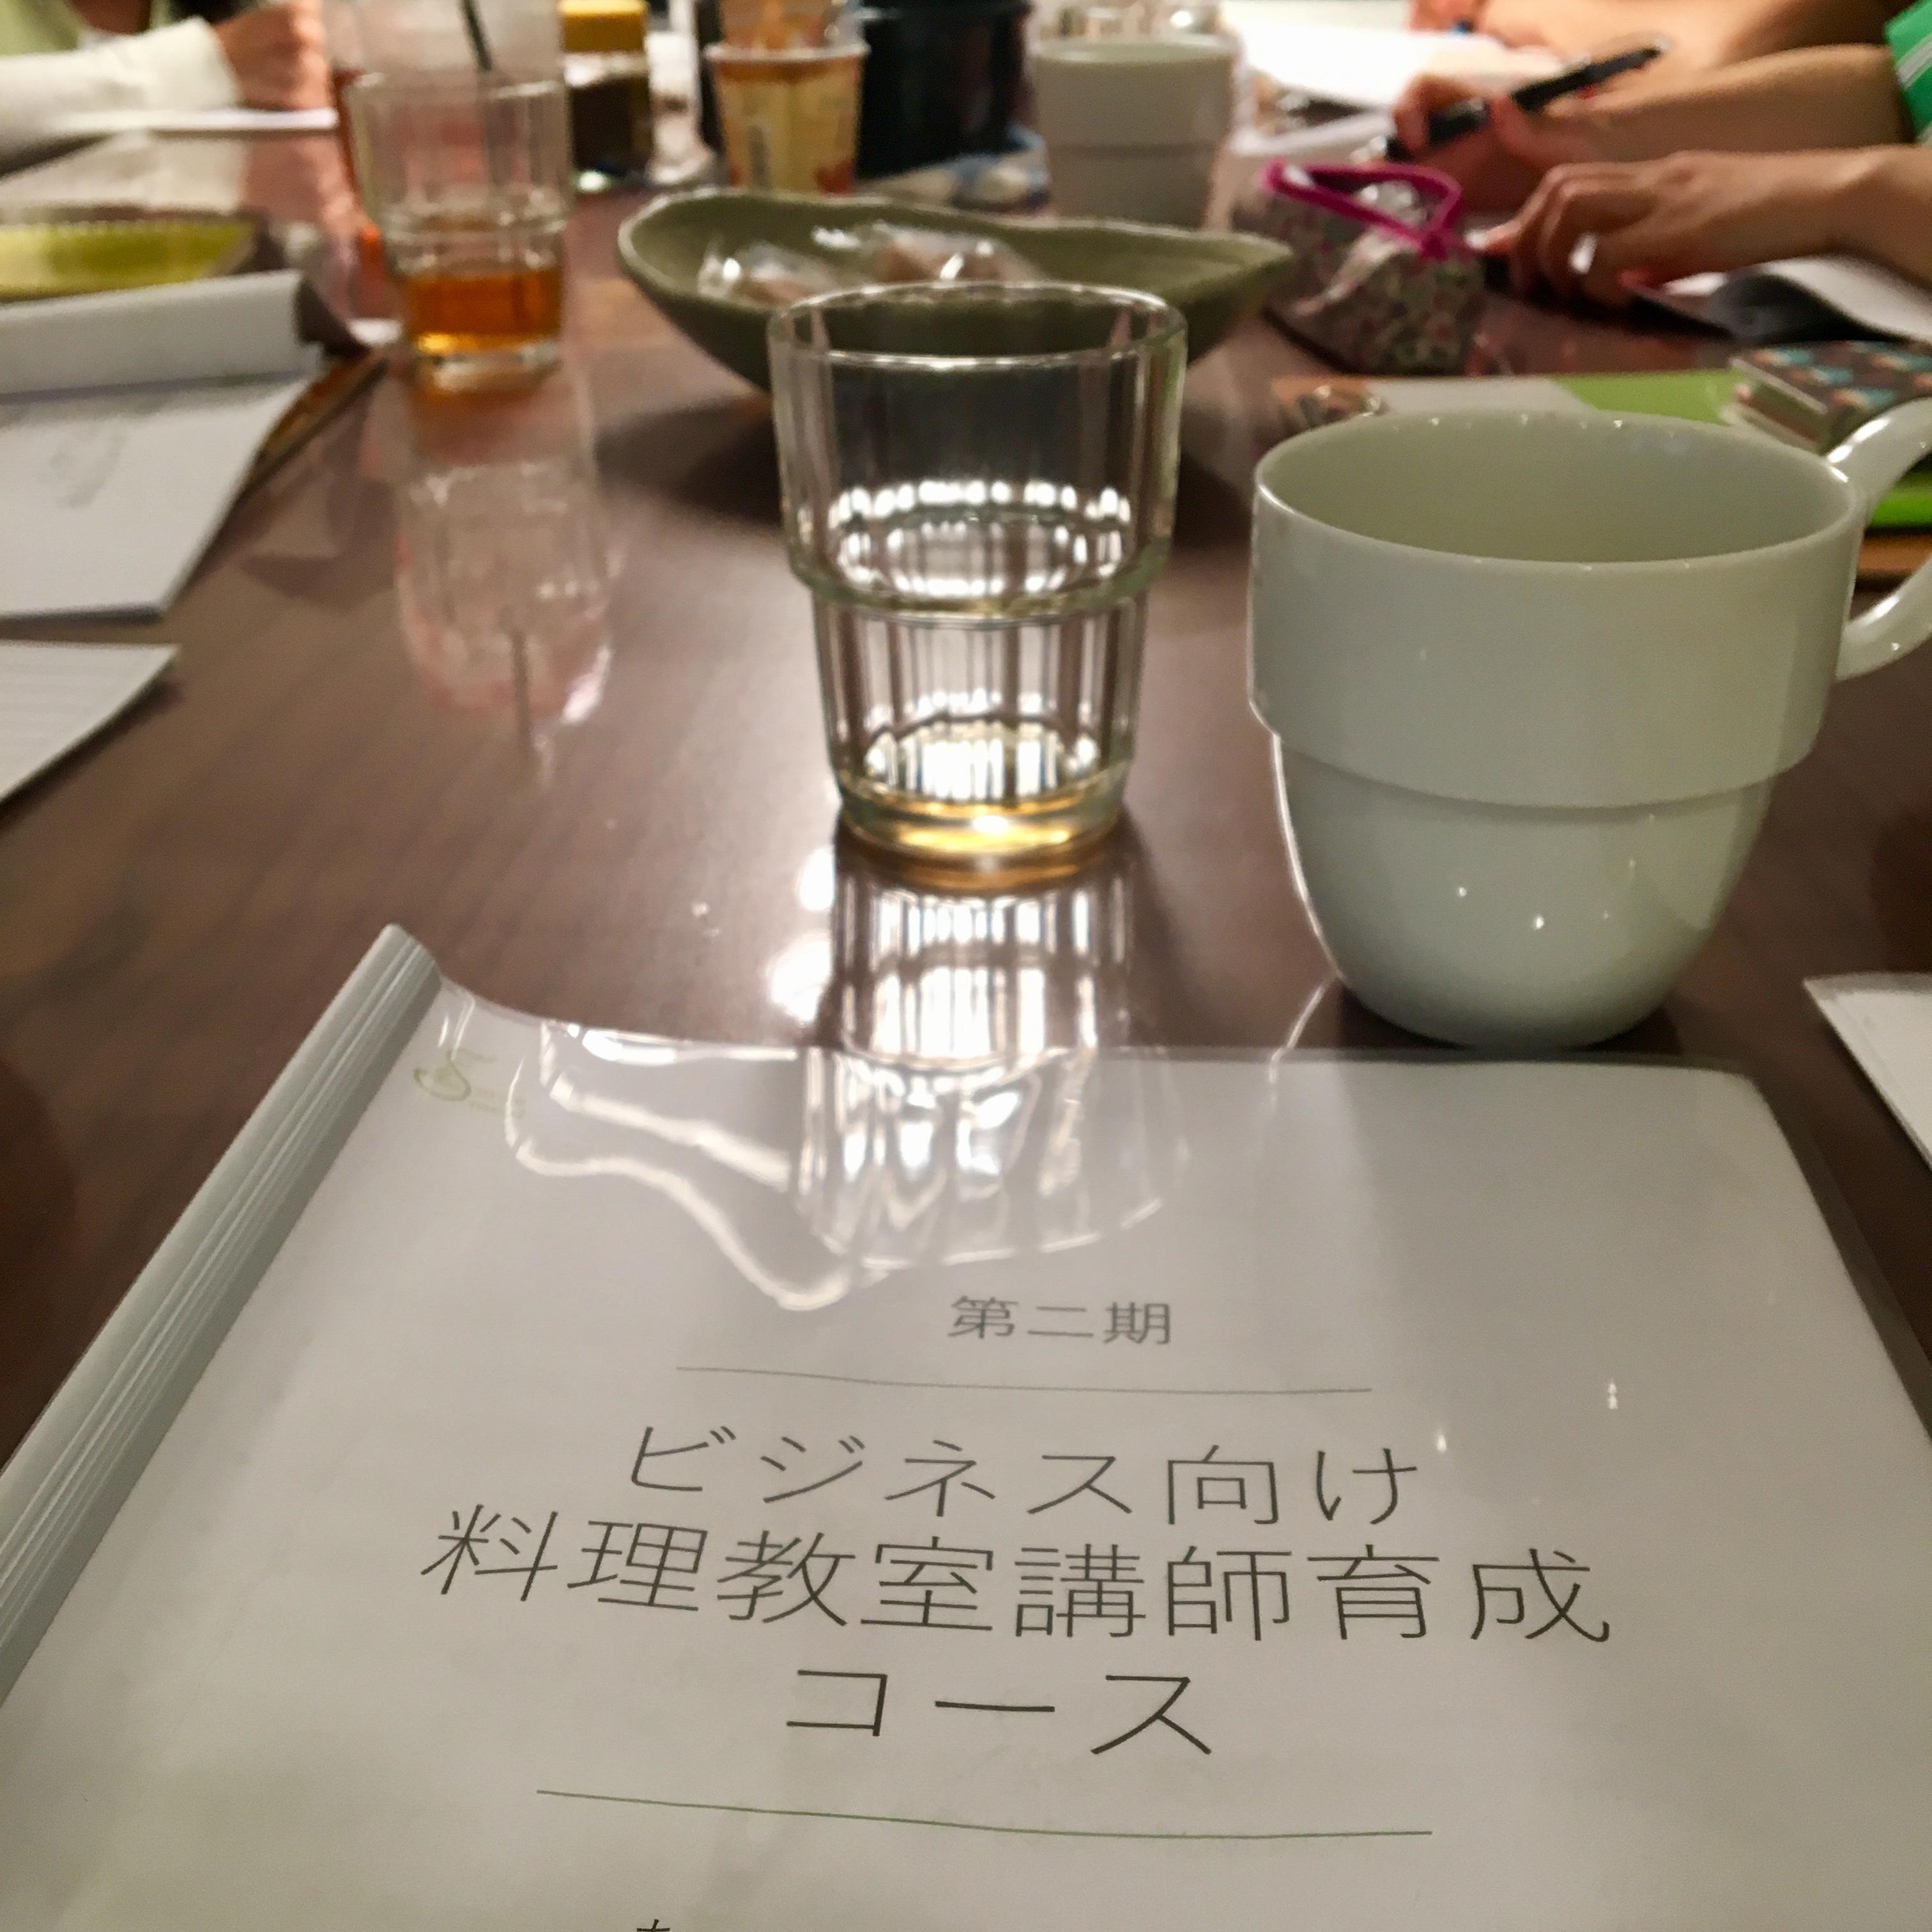 【第2期プロフェッショナル料理講師育成講座】売れる企画書の書き方&レシピ開発について